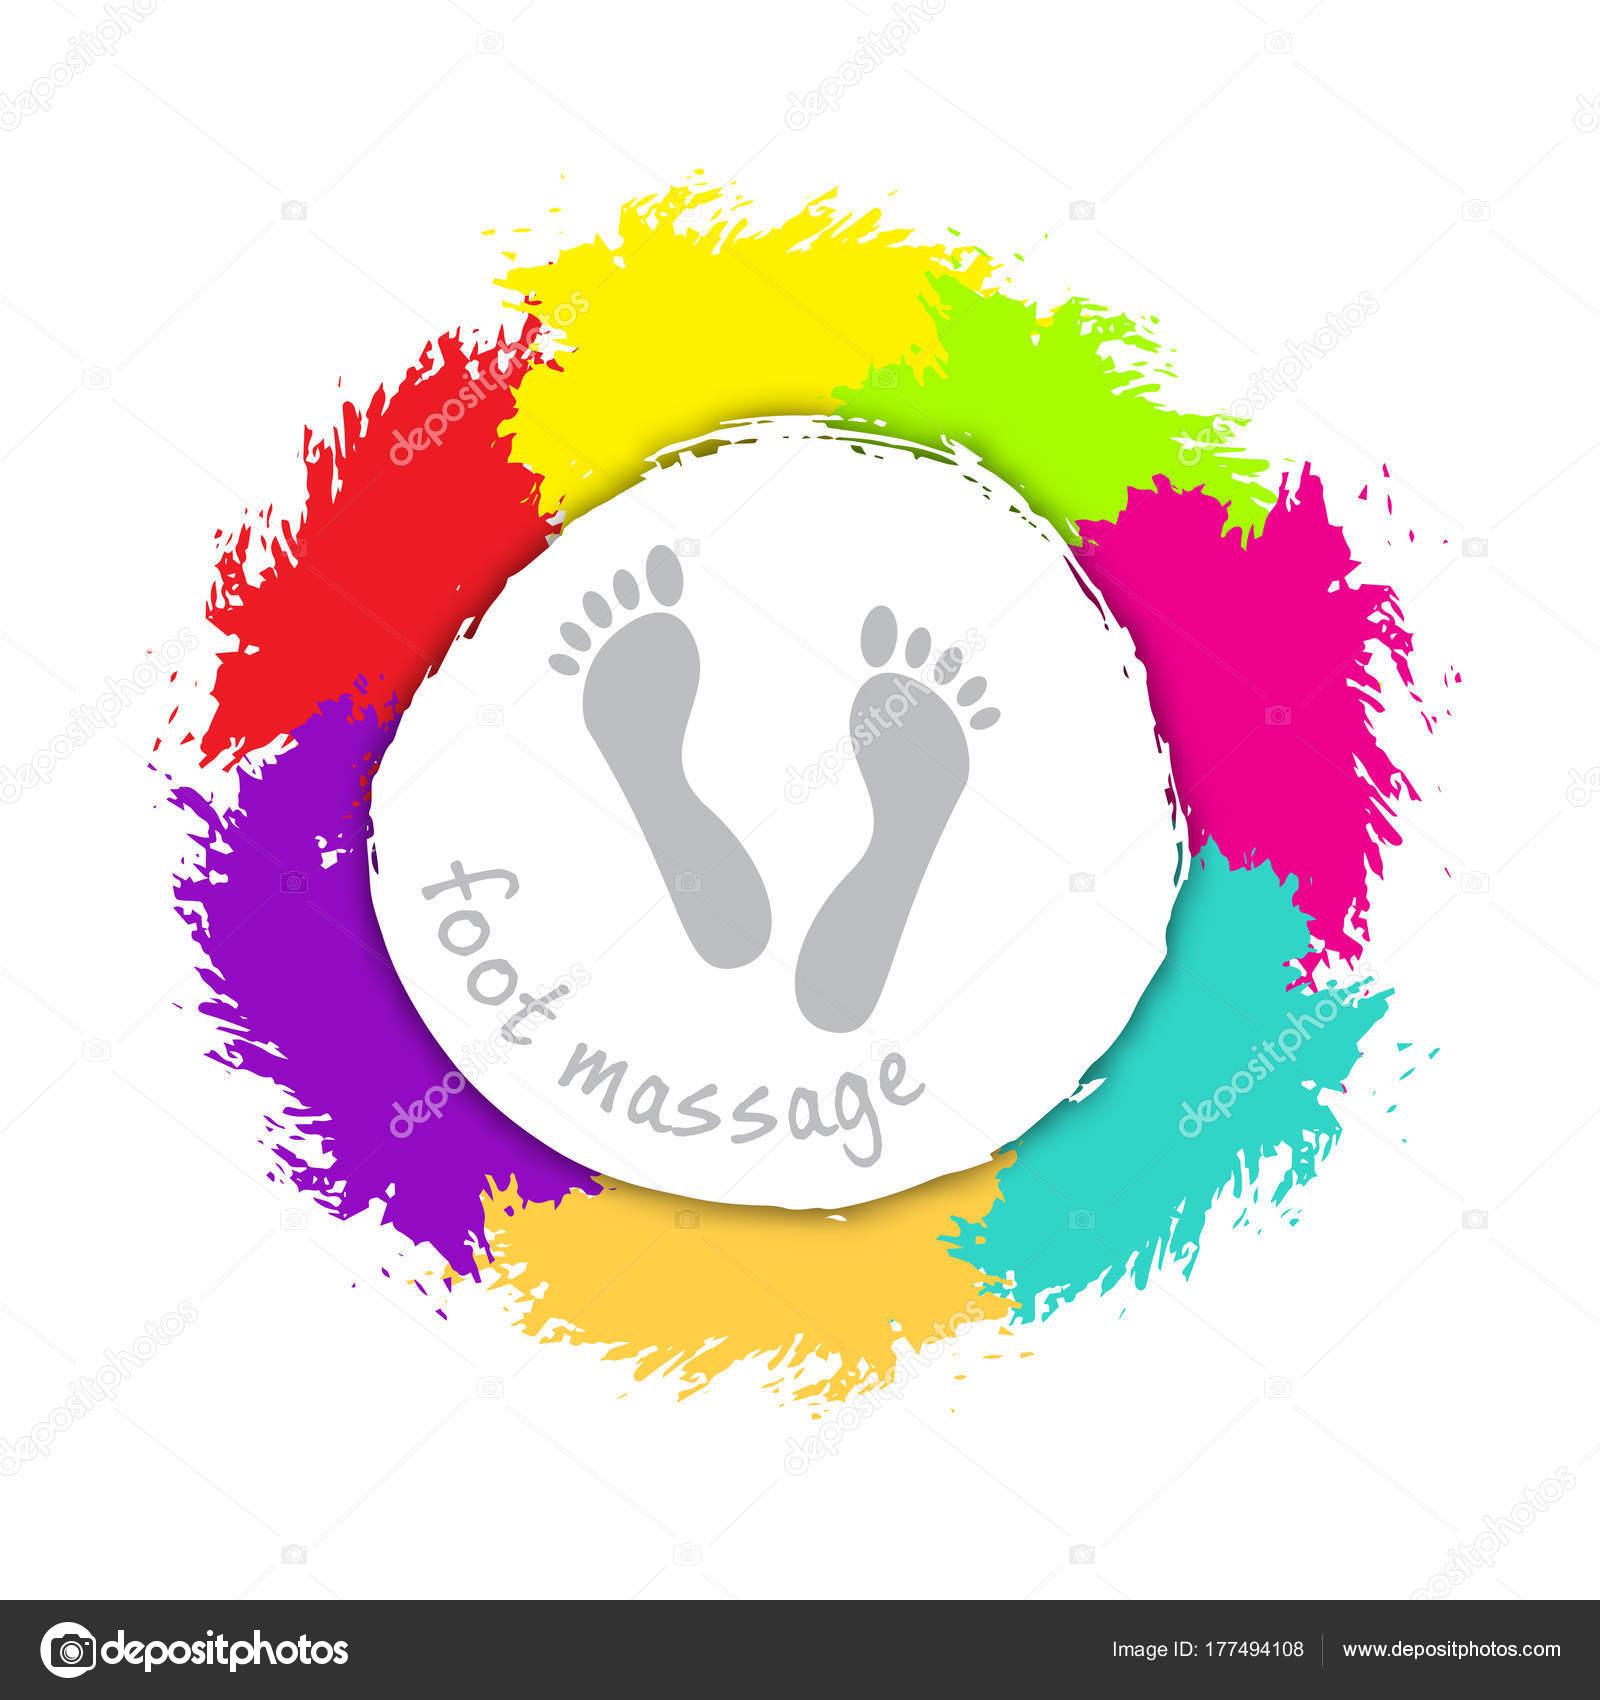 Ayak Masaj Logosunu Görmeniz Gerekir Arka Plan üzerinde Renkli El